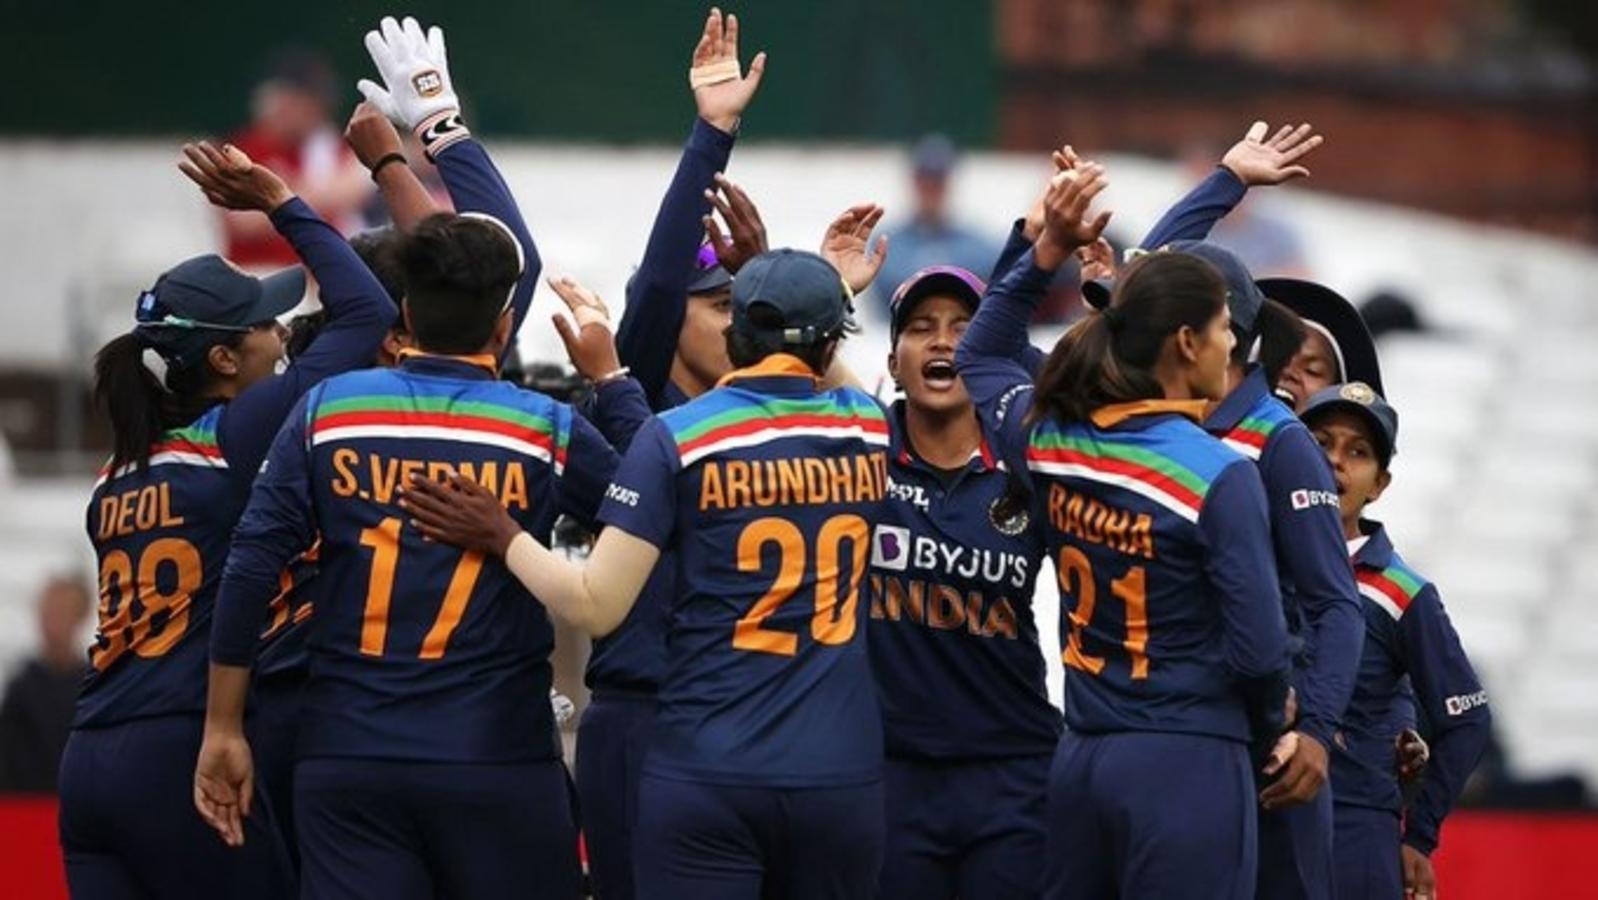 ہندوستان خاتون کرکٹ ٹیم پر سست اورریٹ کے لئے جرمانہ